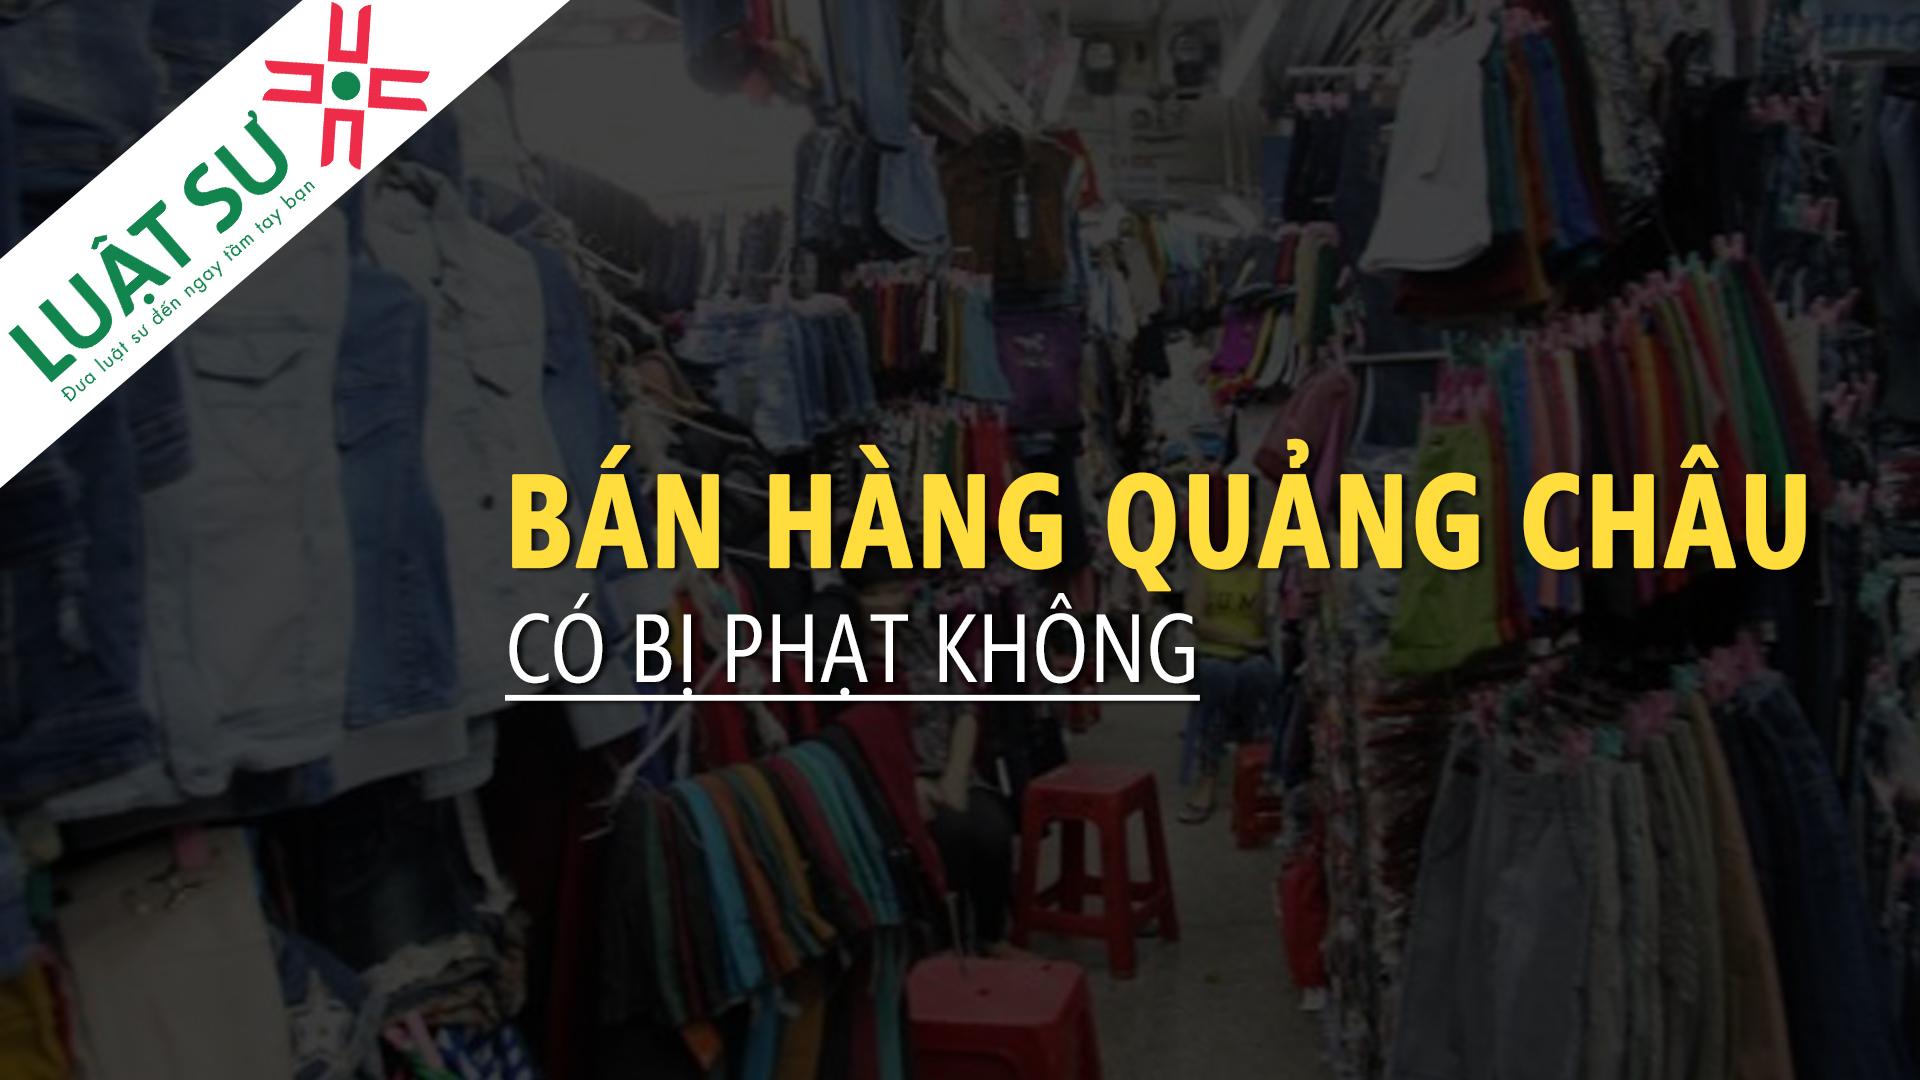 Bán quần áo Quảng Châu có bị xử phạt không?